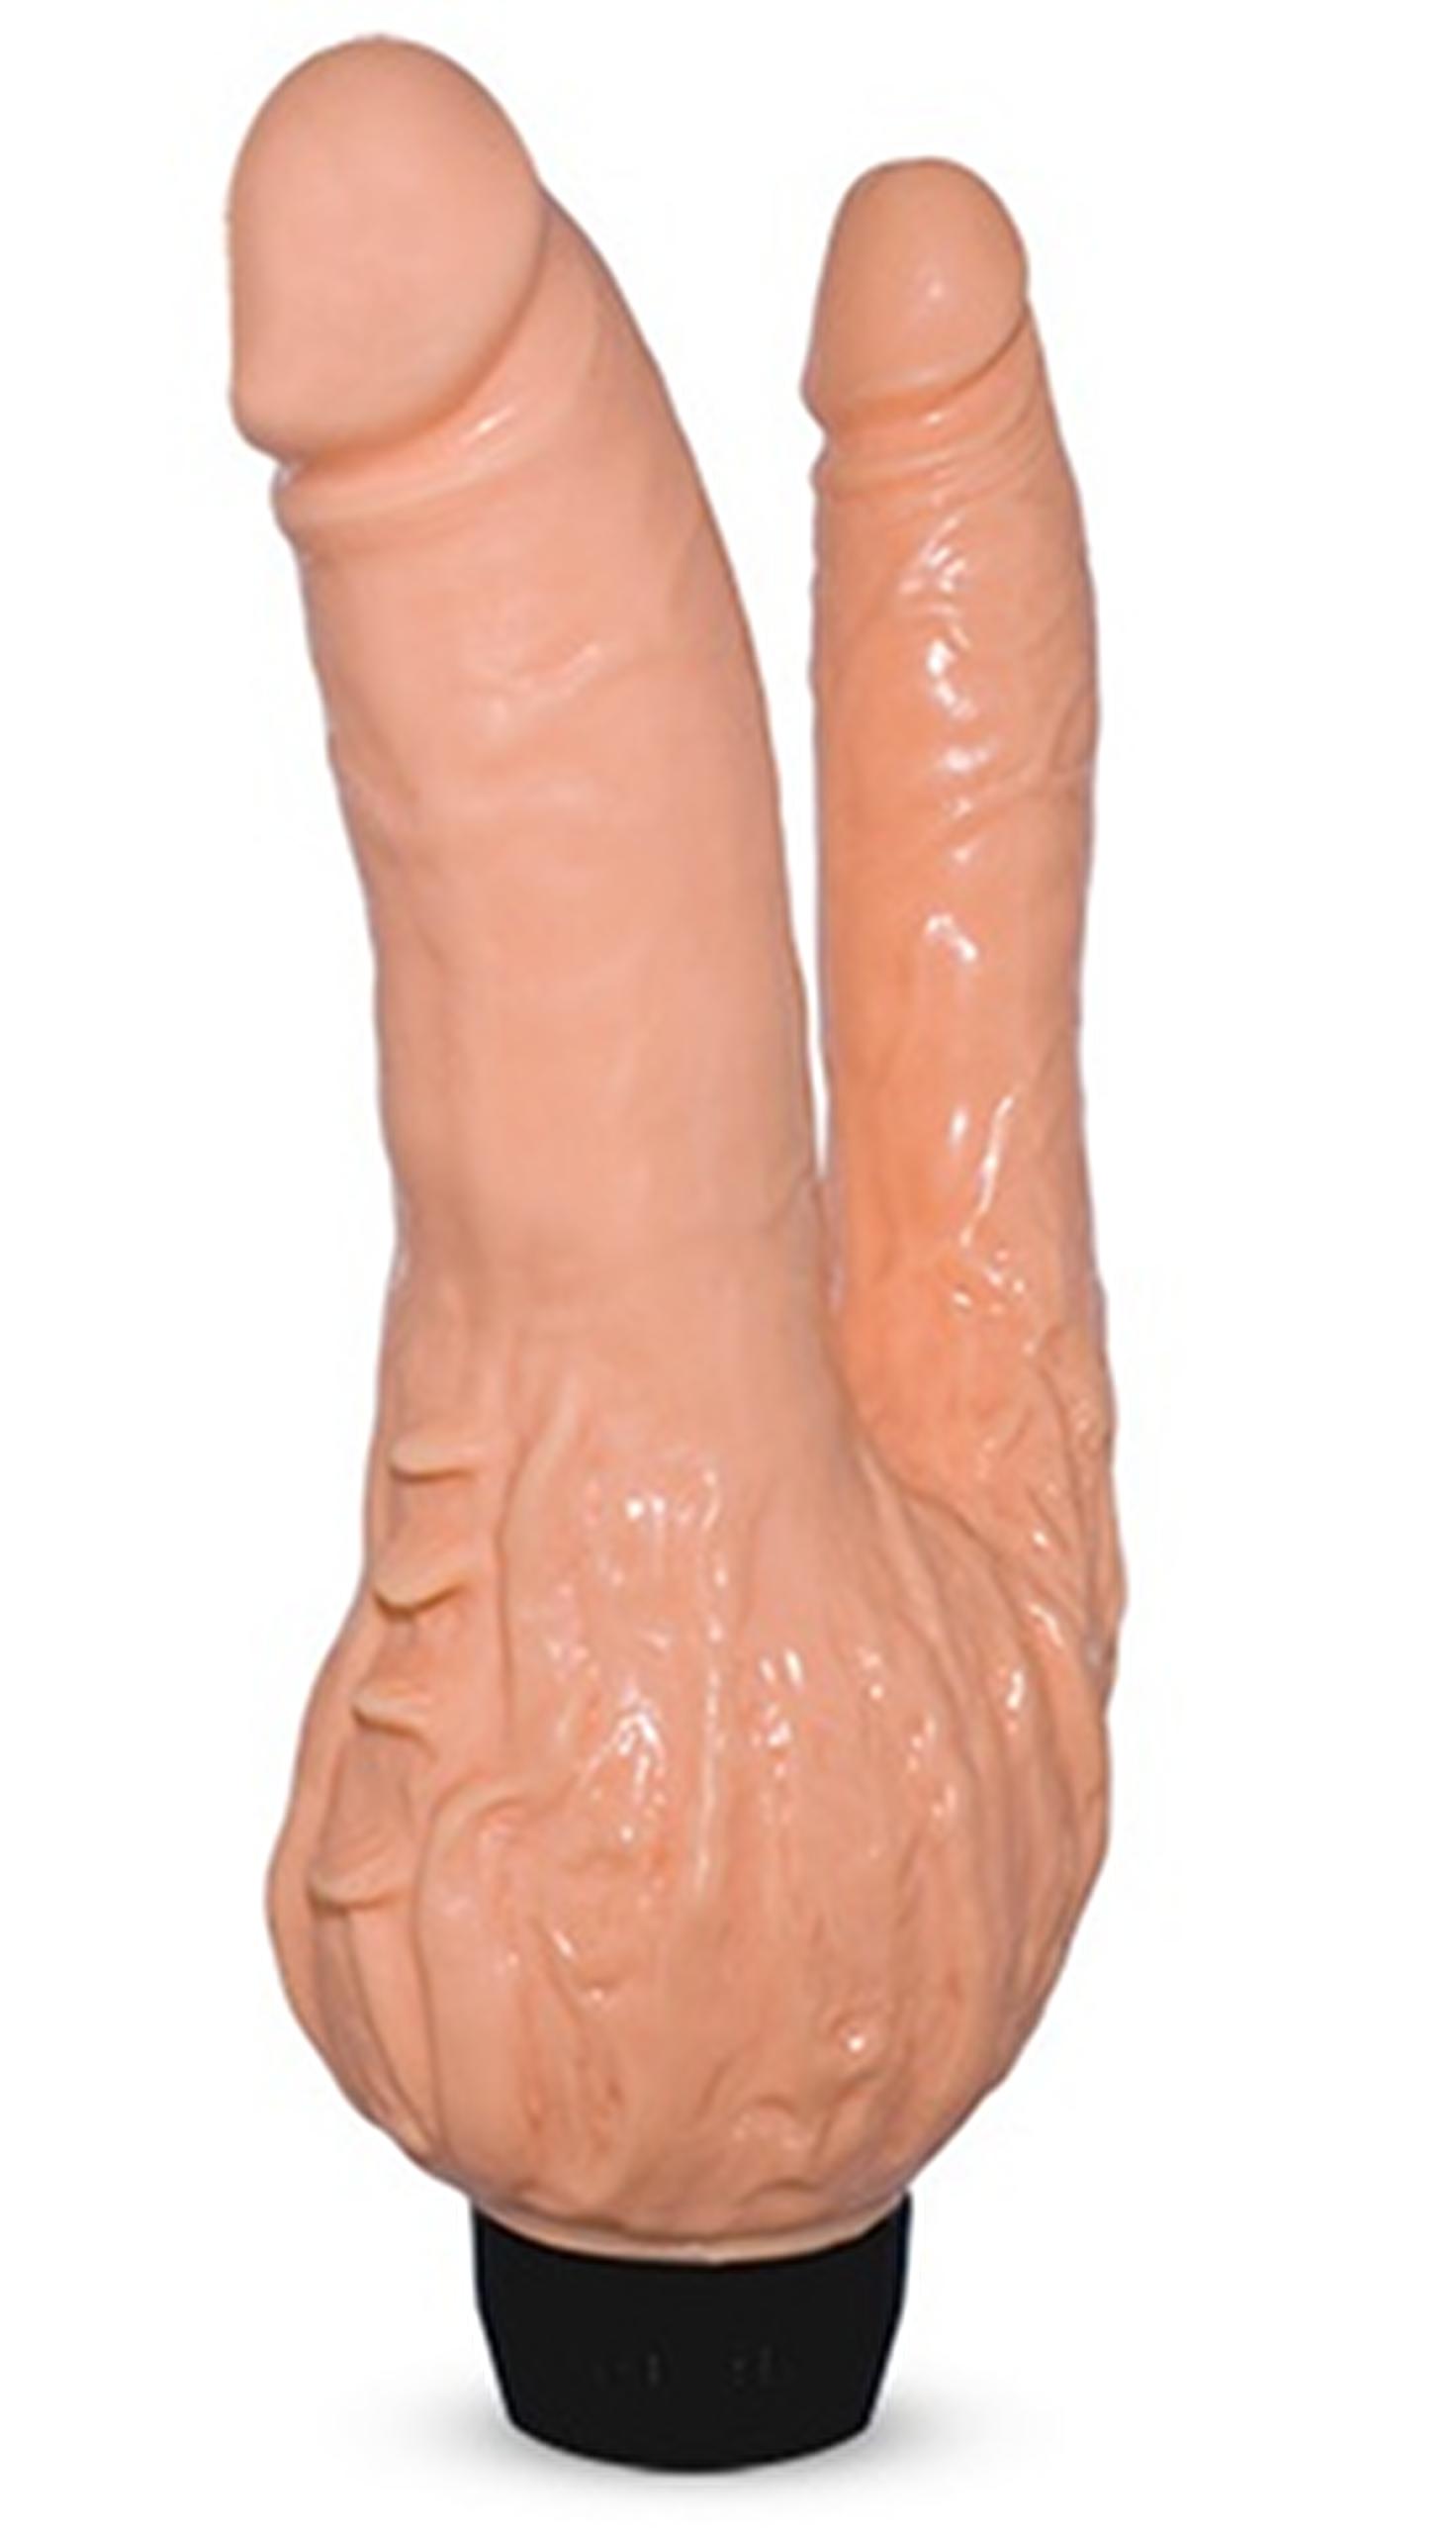 czarna kobieta palcówka cipki mężczyzna squirting